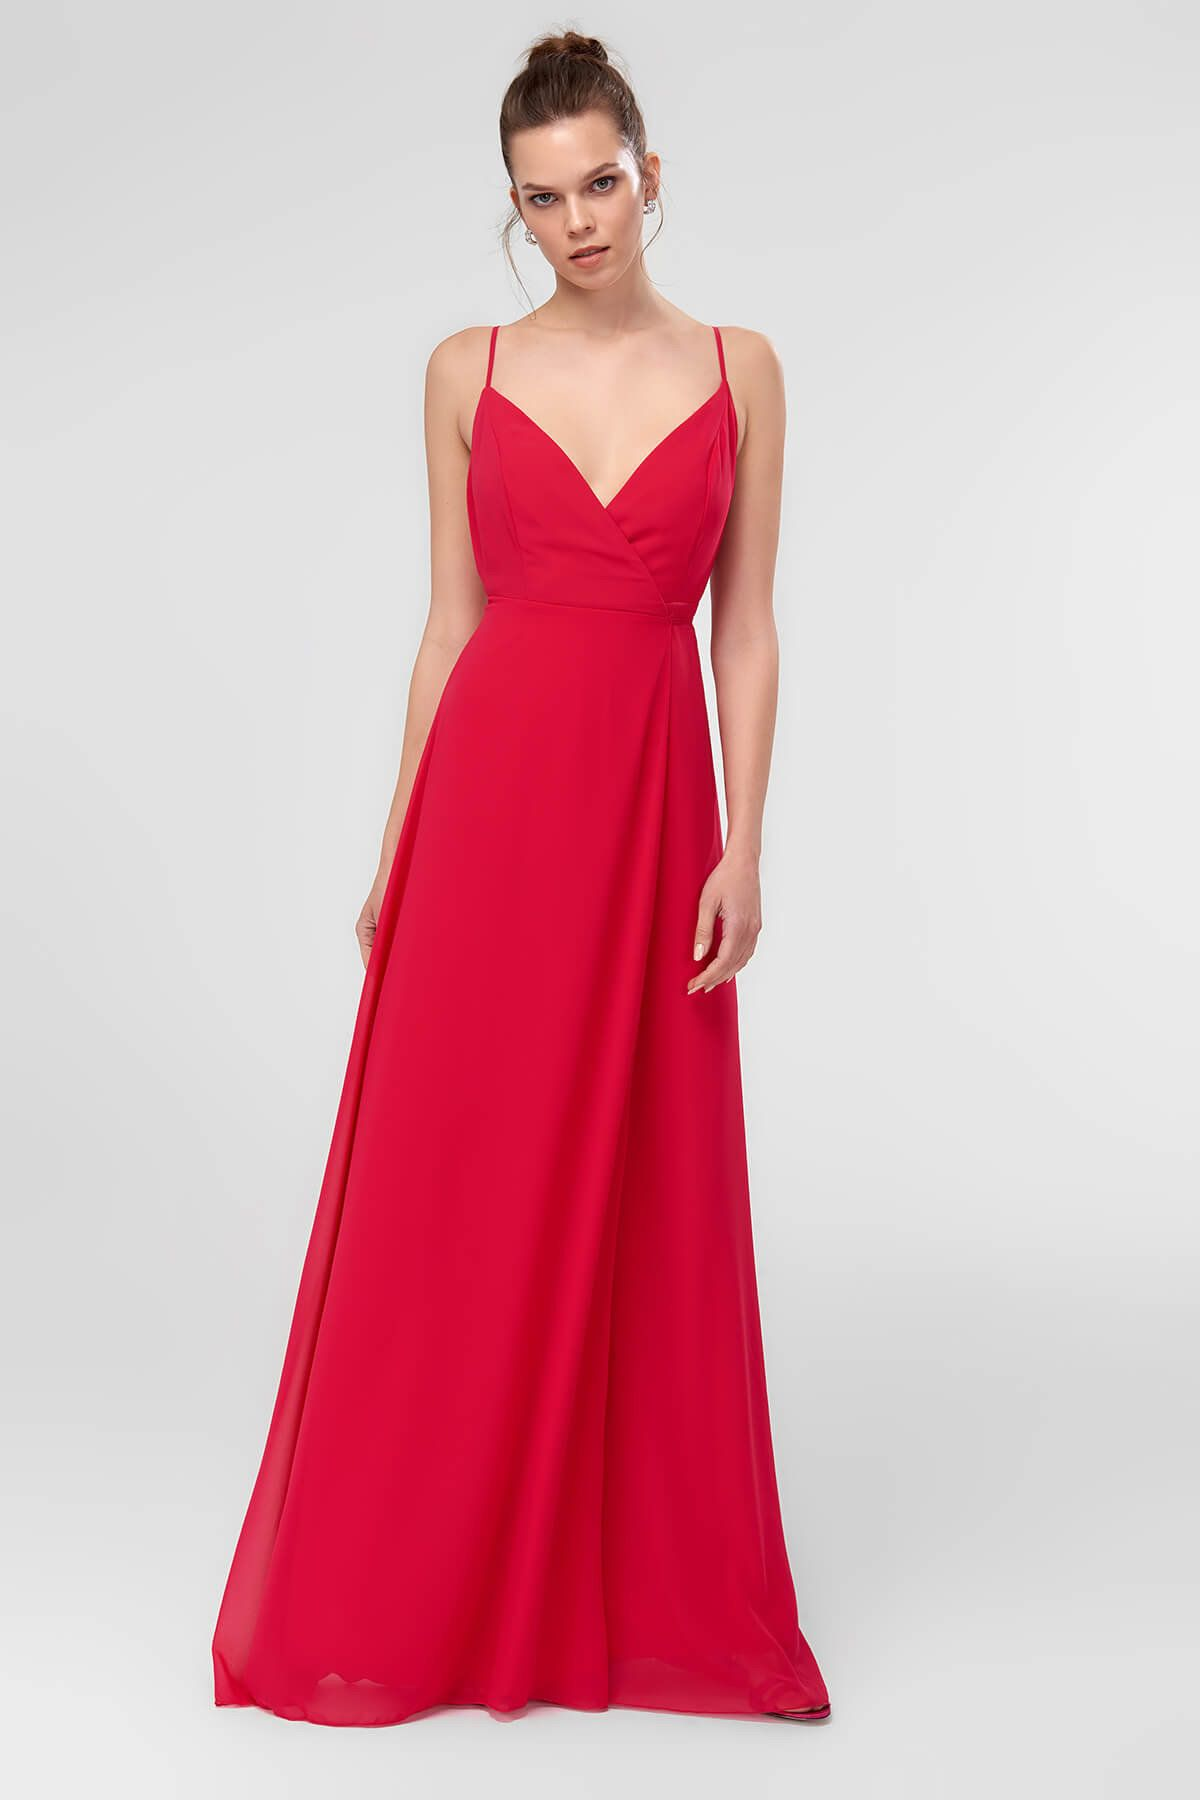 Fusya Belden Acilan Abiye Elbise Trendyolmilla Trendyol The Dress Elbise Resmi Elbise